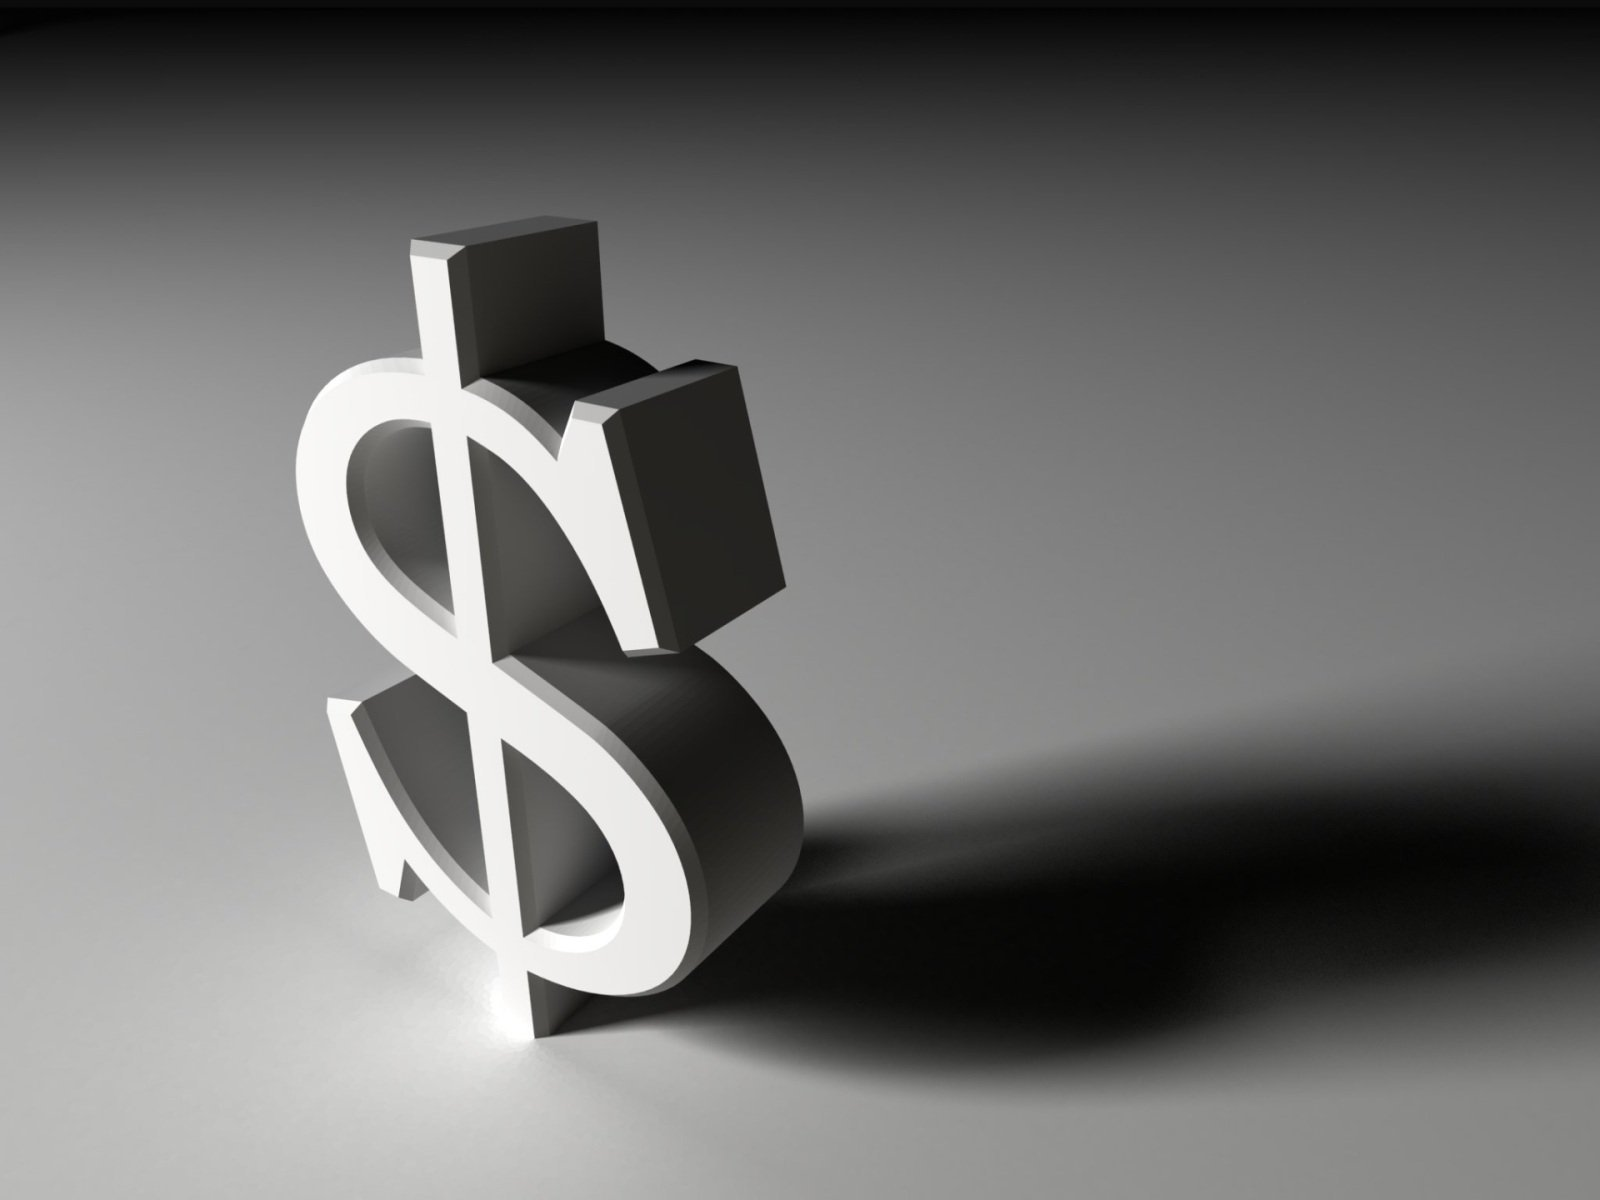 Dollar Desktop Wallpaper